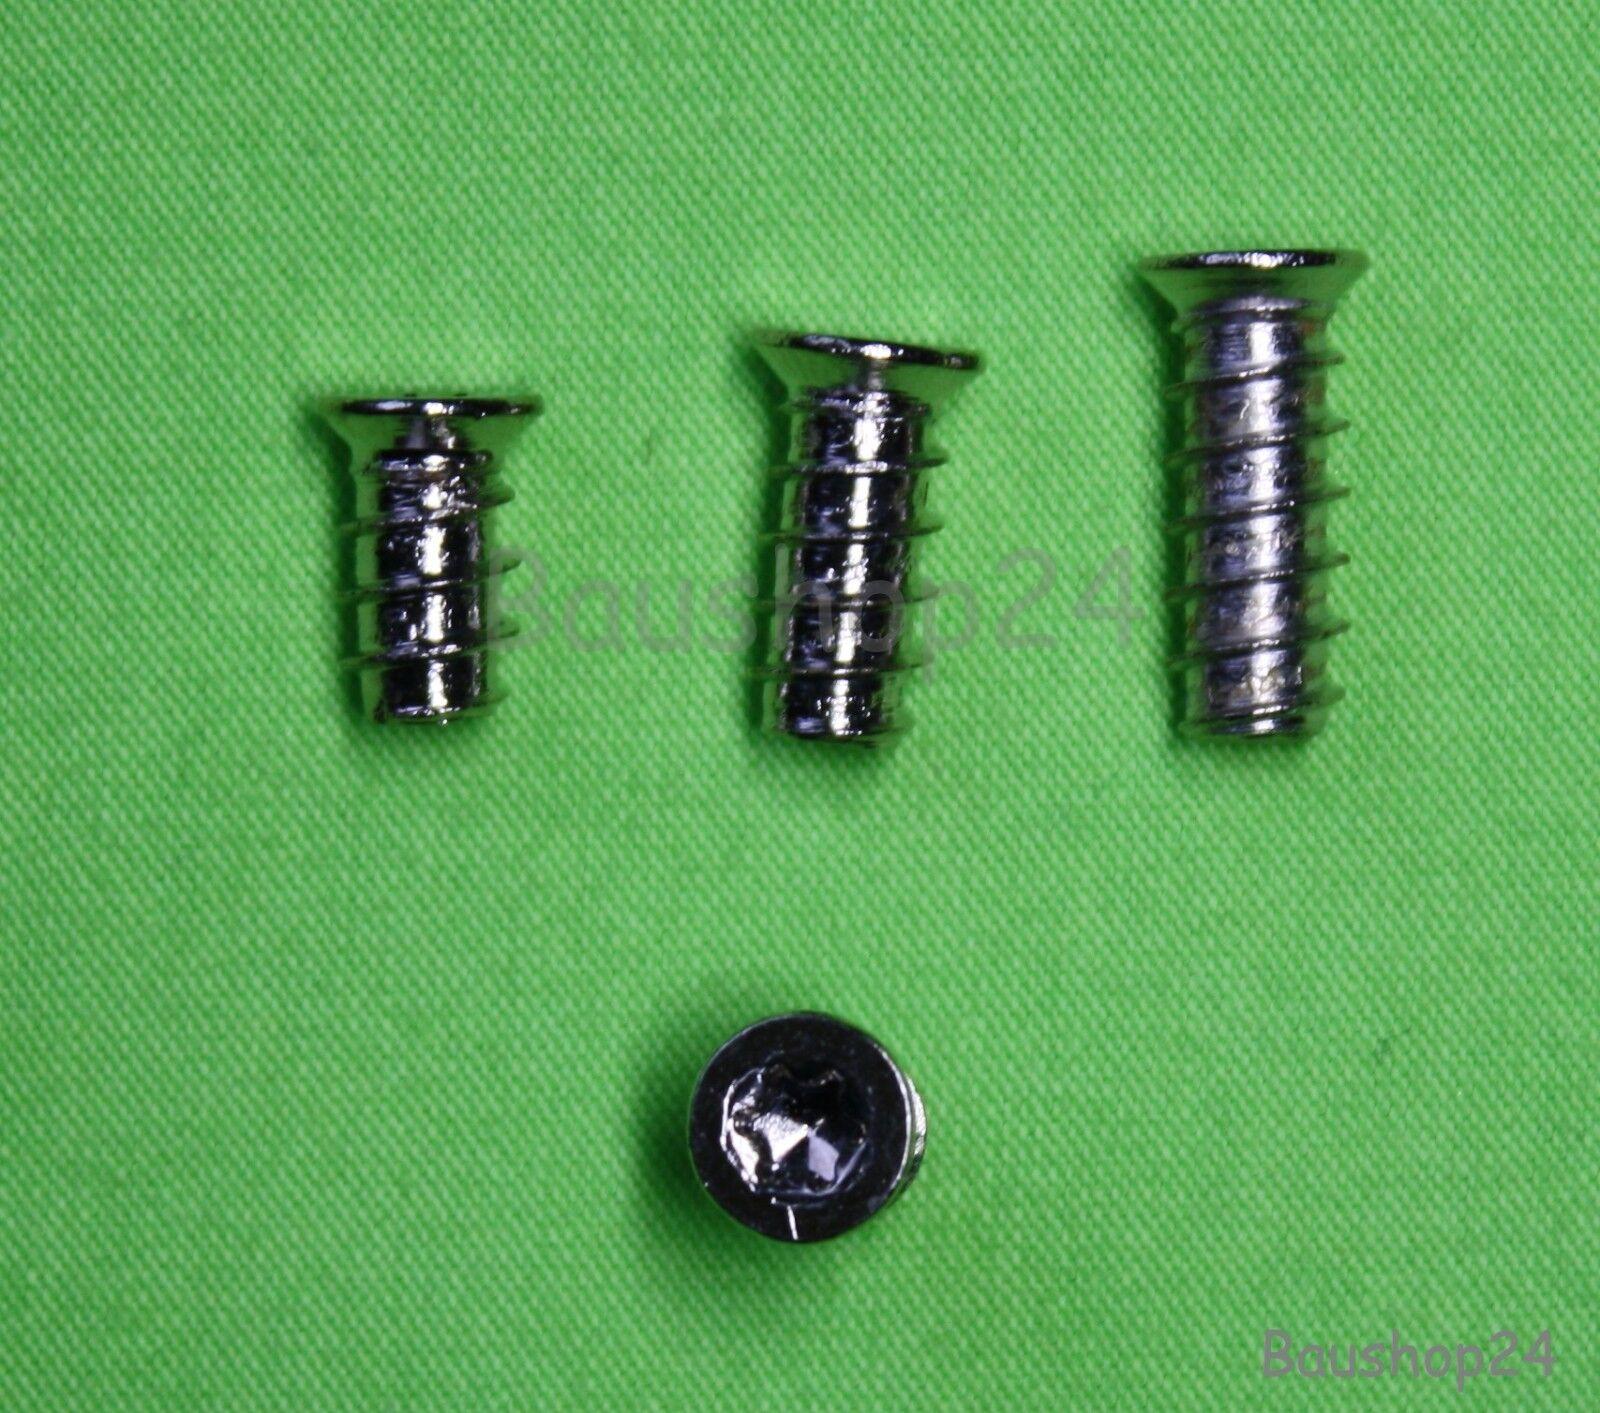 Euroschraube, Möbelschraube, Verbinderschraube 10,5mm  13,5mm  16mm 16mm 16mm  20-1000 St.   Erste Gruppe von Kunden  f9bcbb